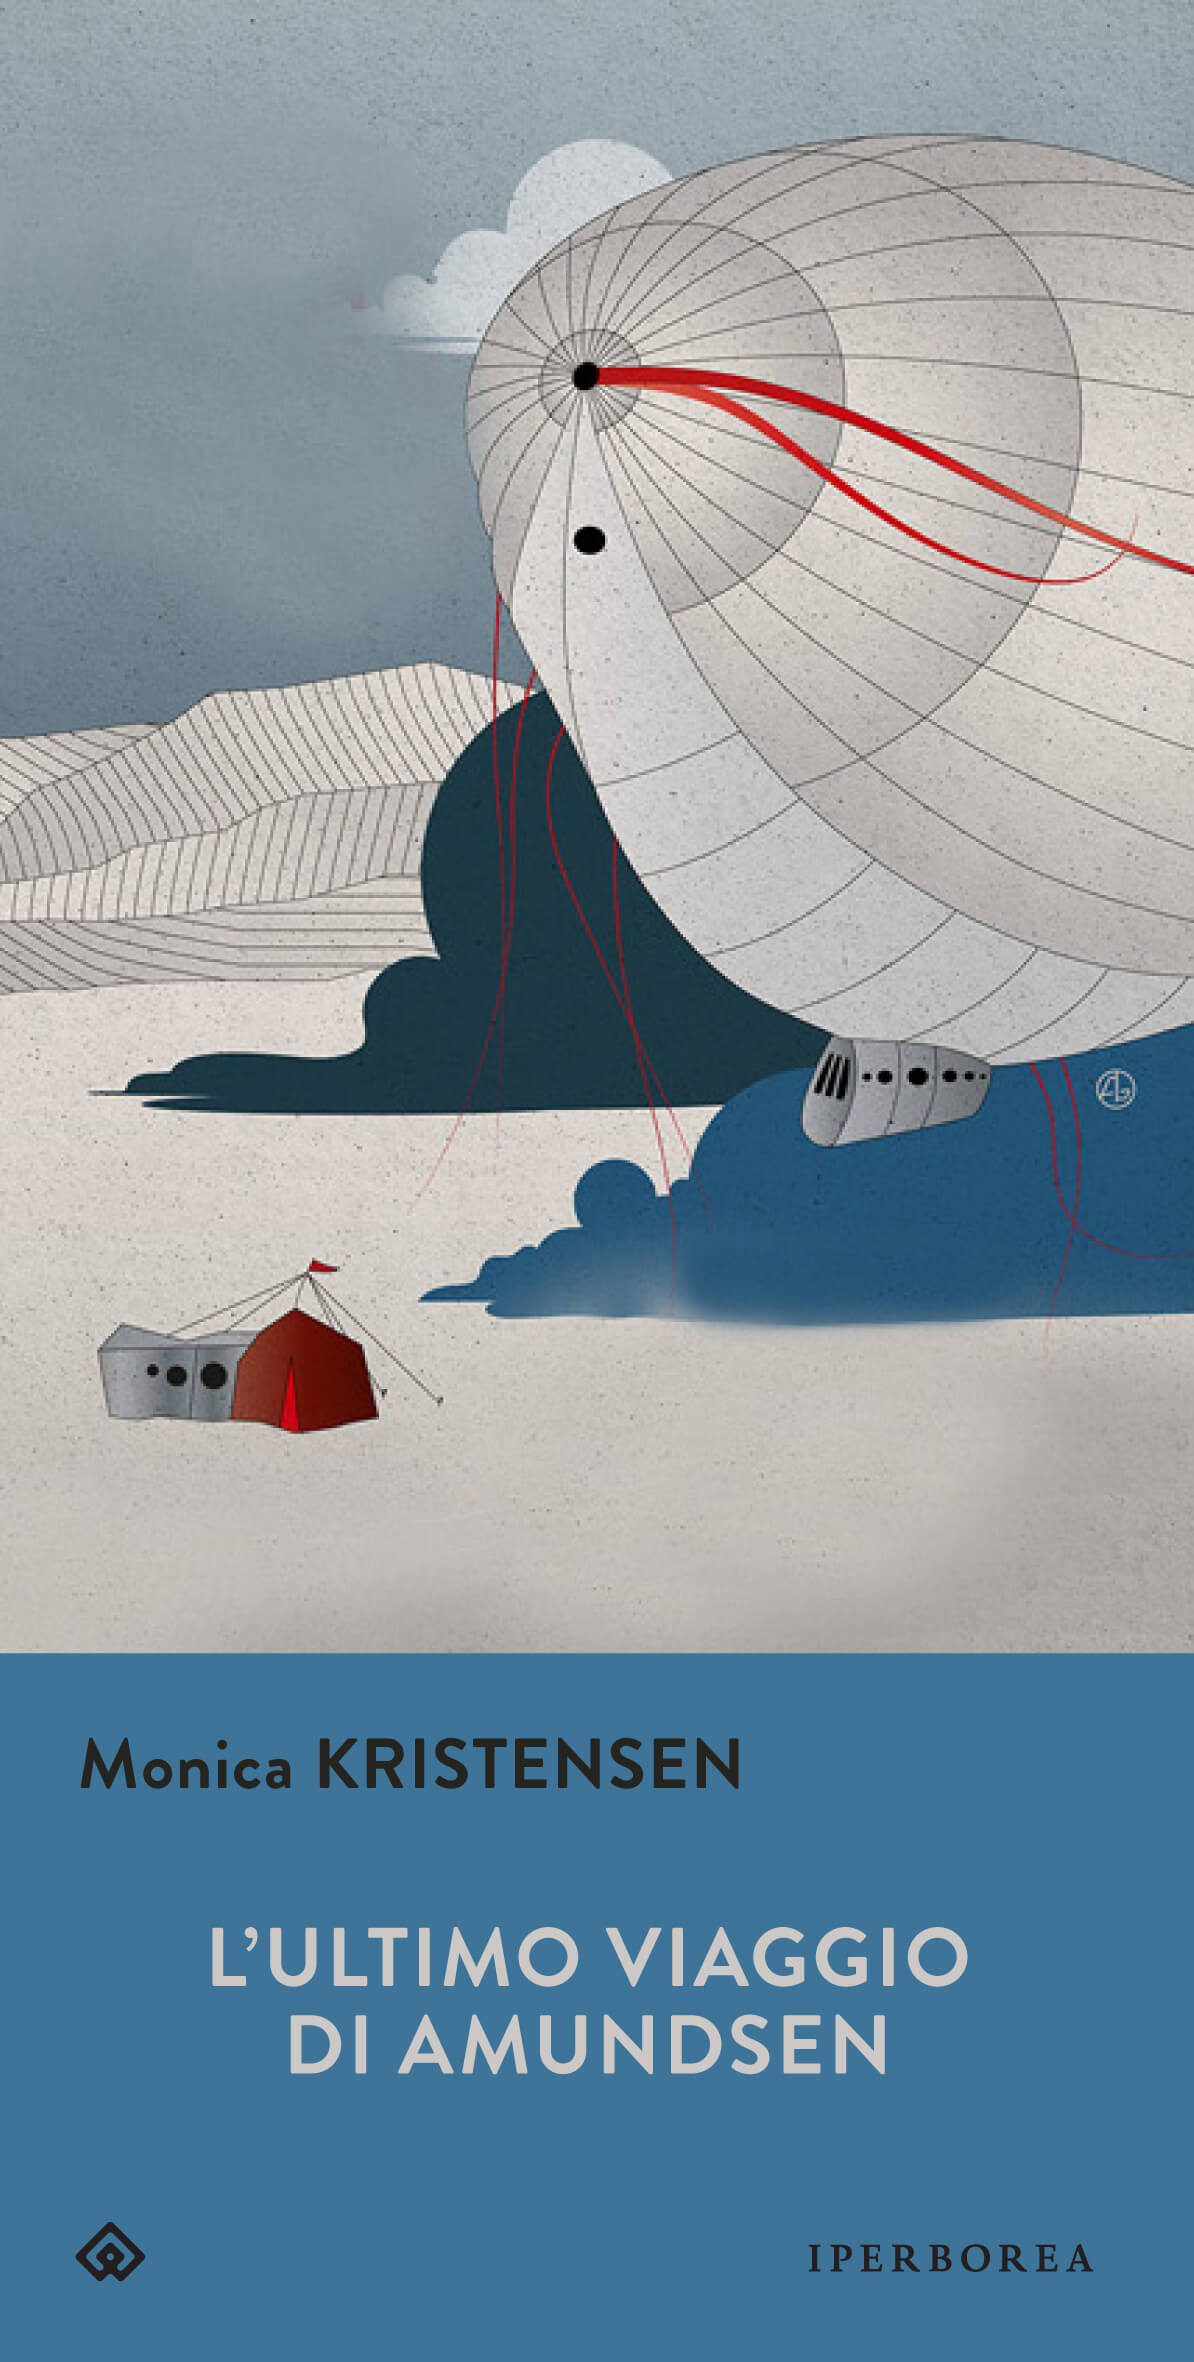 L'ultimo viaggio di Amundsen - Monica Kristensen - Aprile 2019